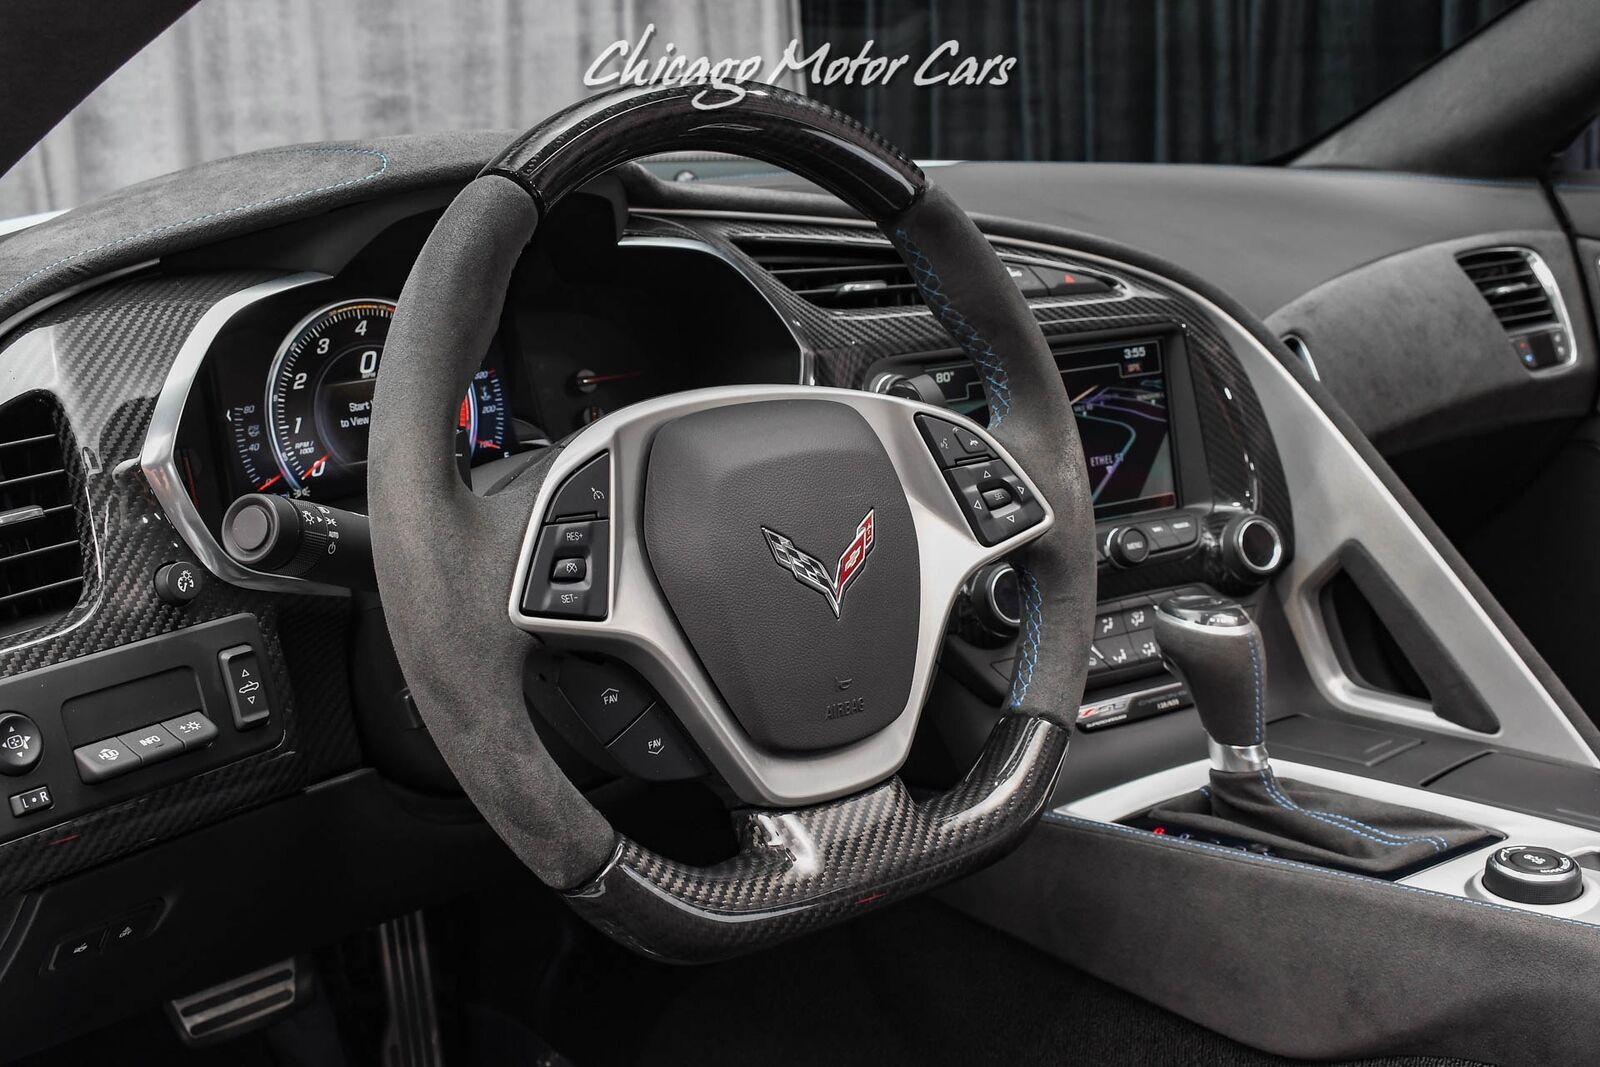 2018 White Chevrolet Corvette Z06 3LZ | C7 Corvette Photo 10